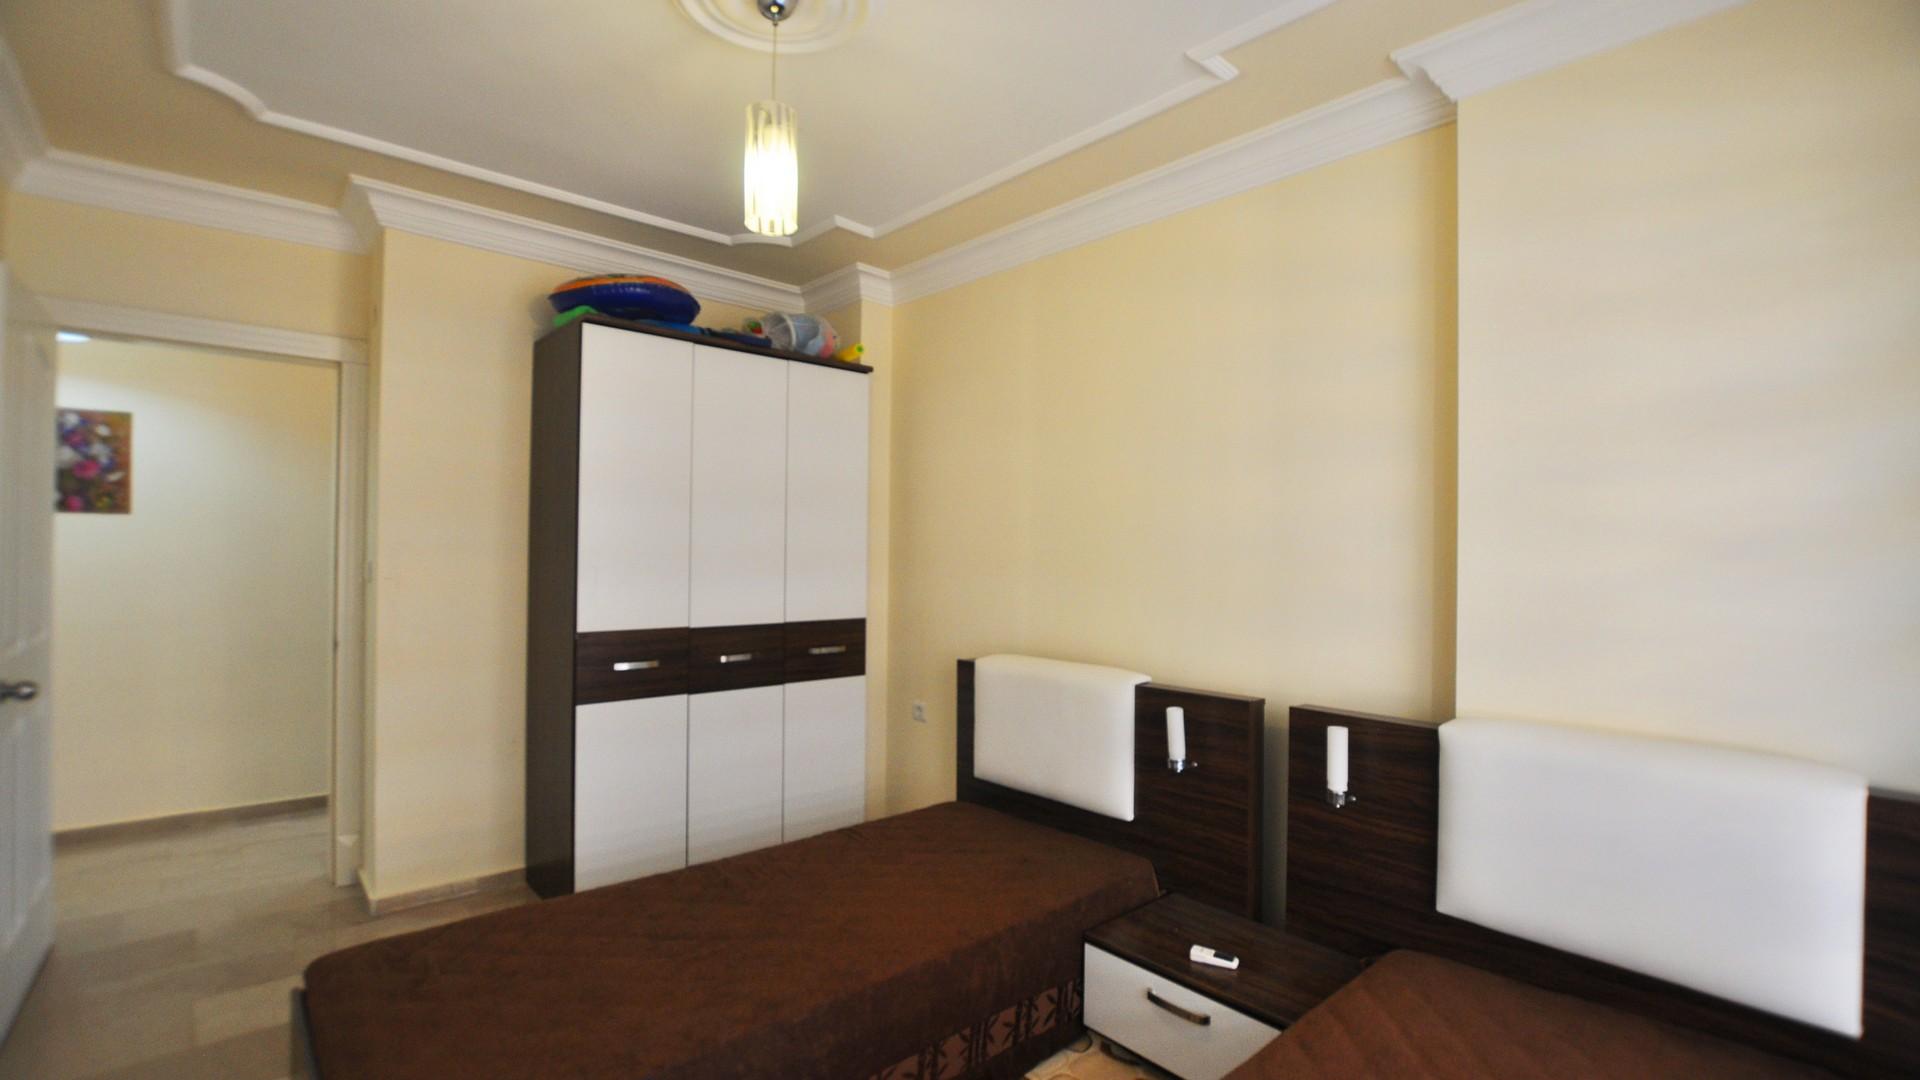 Меблированные апартаменты в Махмутлар - Фото 22